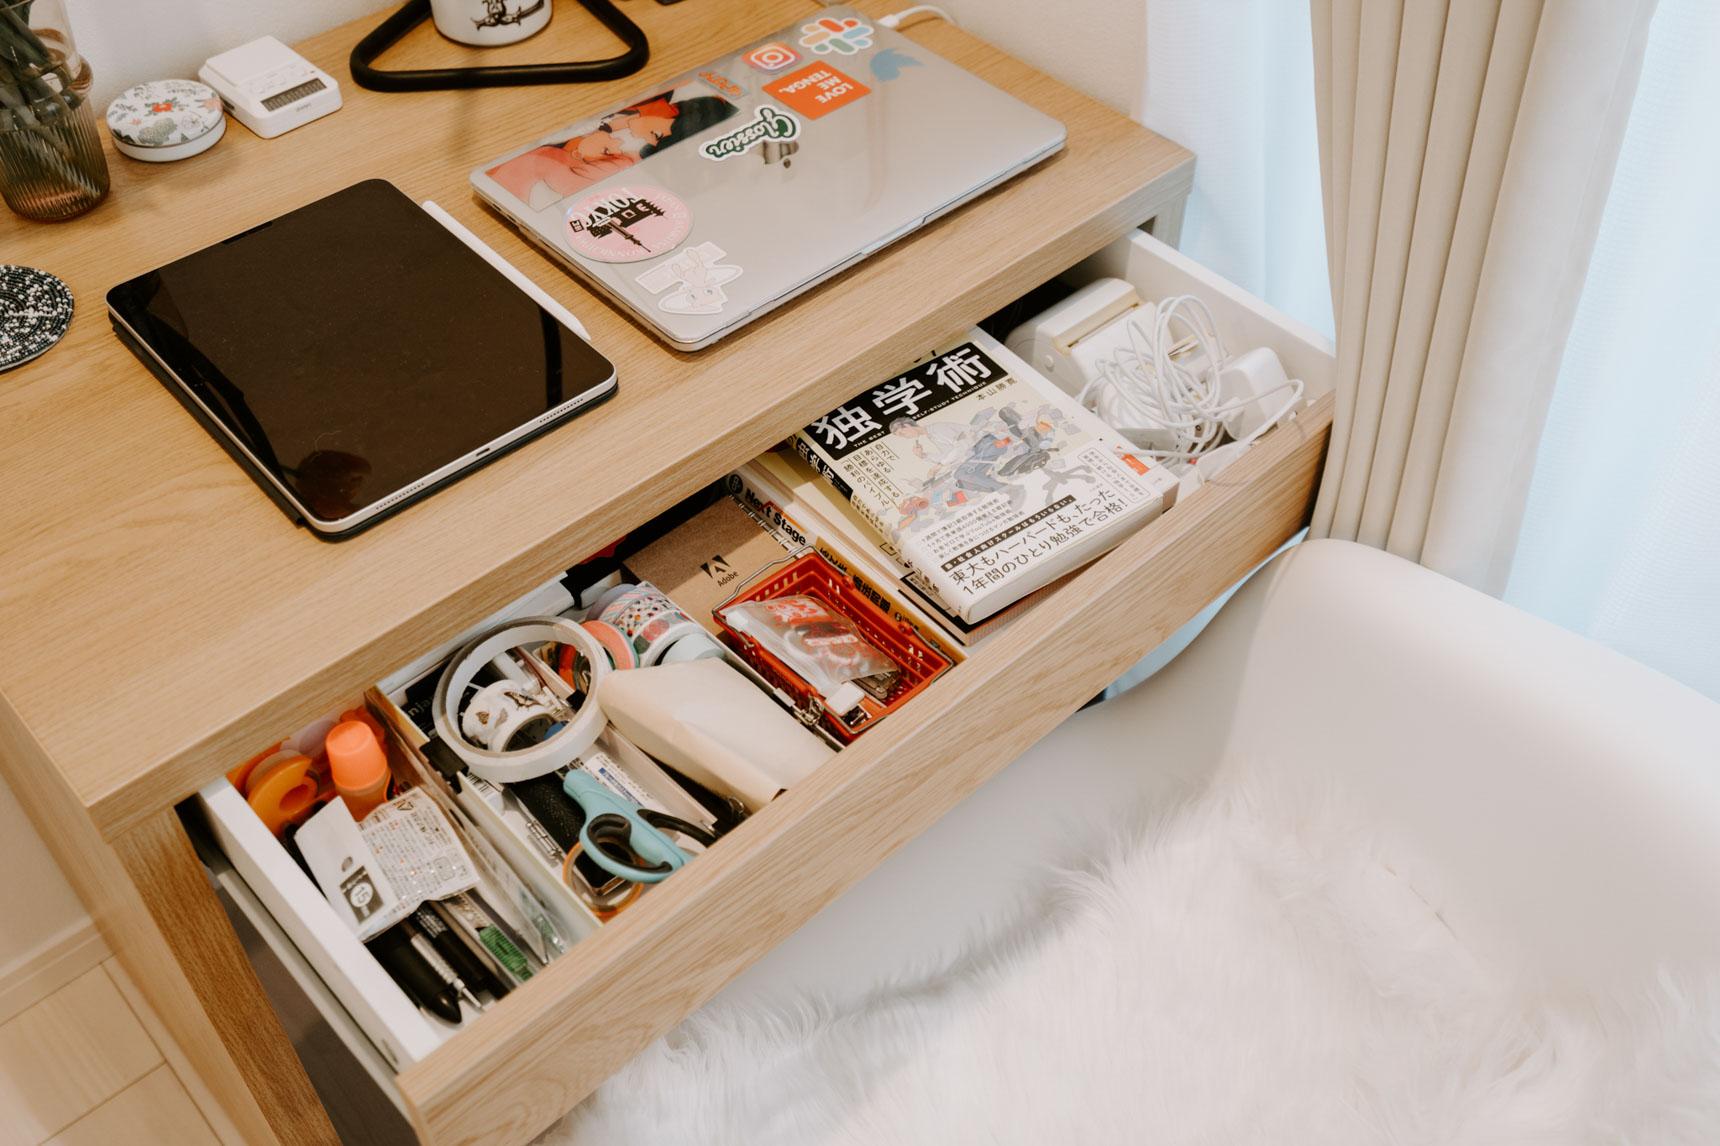 引き出しの中は小さなボックスなどで仕切りを作ると、ごちゃごちゃなりにくいです。事前にサイズを測っておくとデッドスペースが産まれるのも防げますね。(このお部屋を見る)